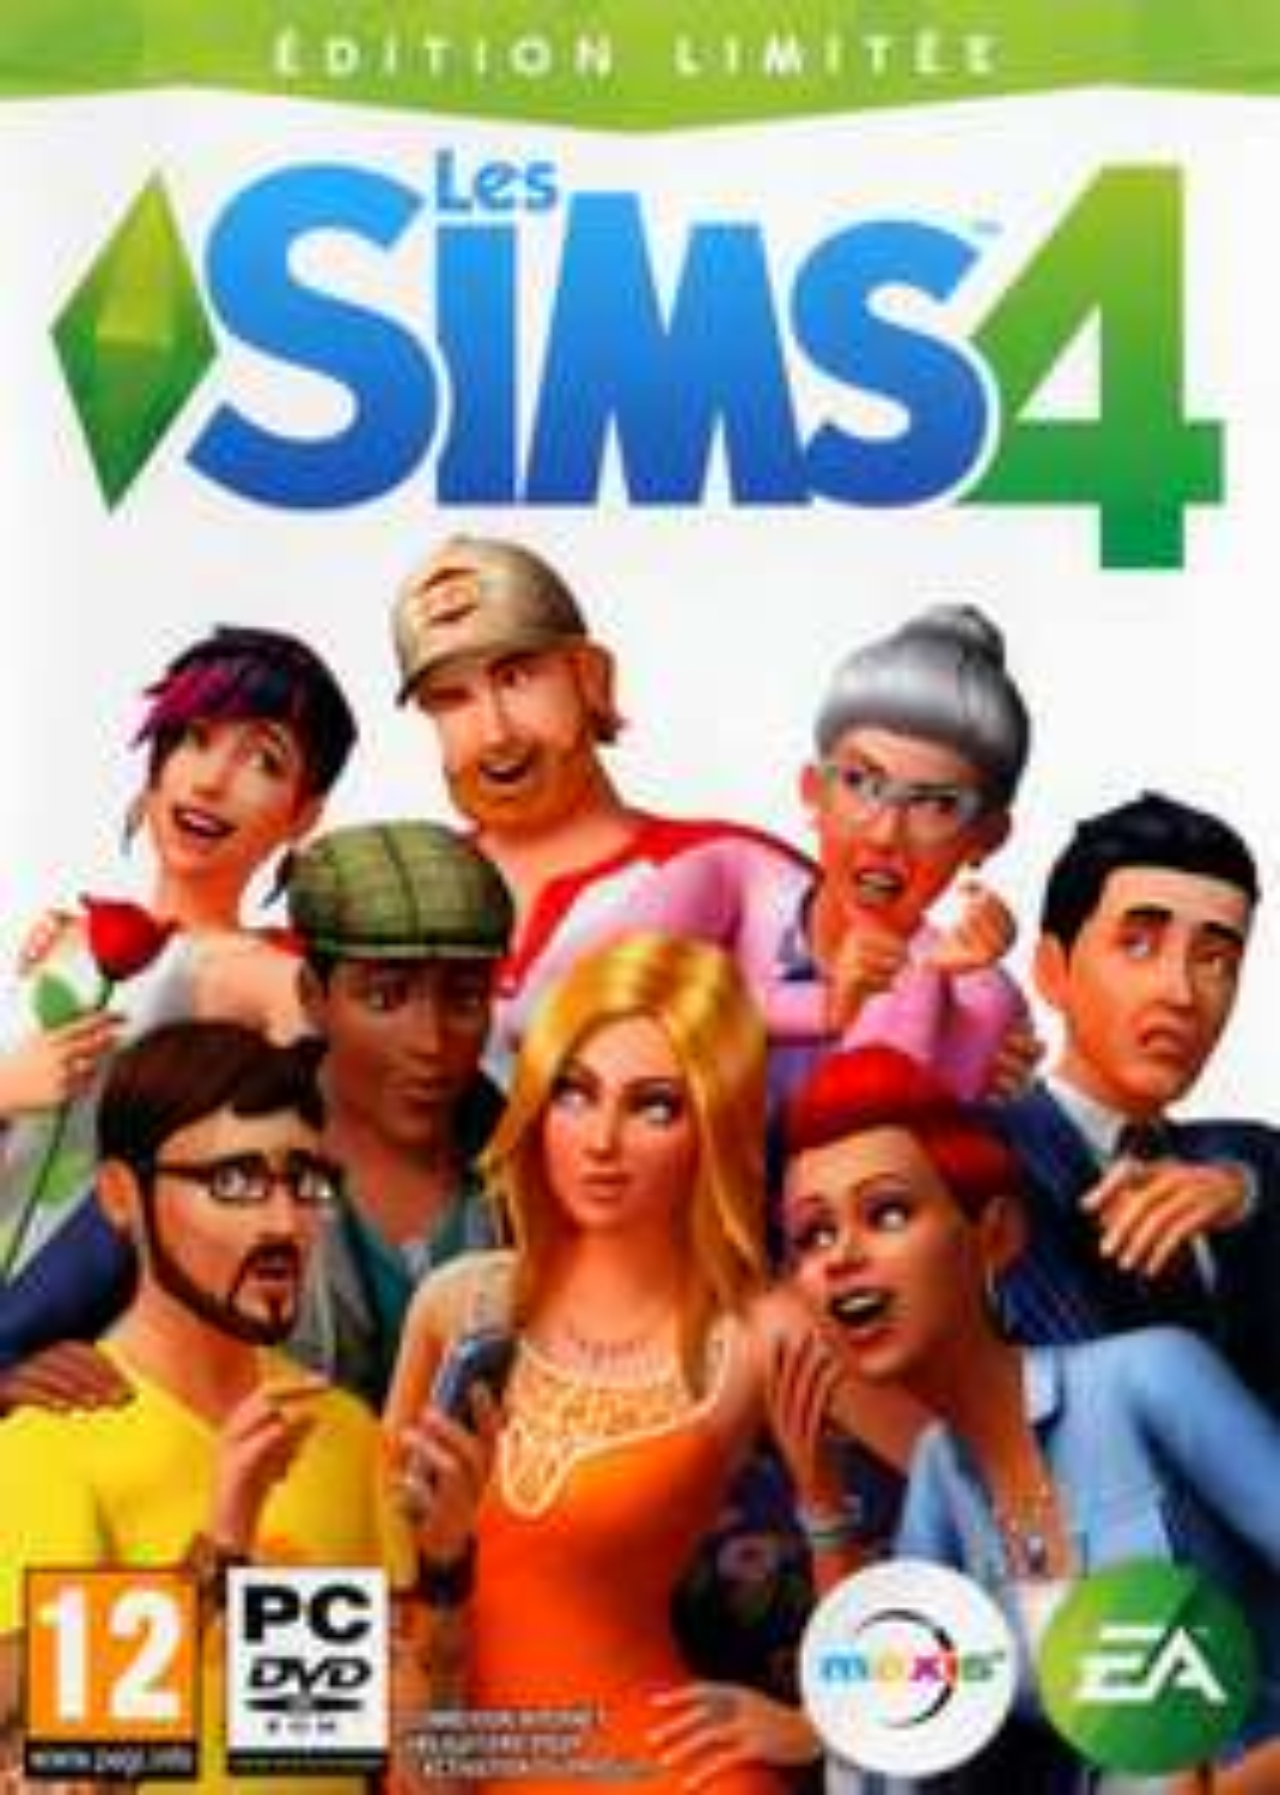 Sélection de jeux Electronic Arts en promotion - Ex : Les Sims 4 sur PC (dématérialisé)